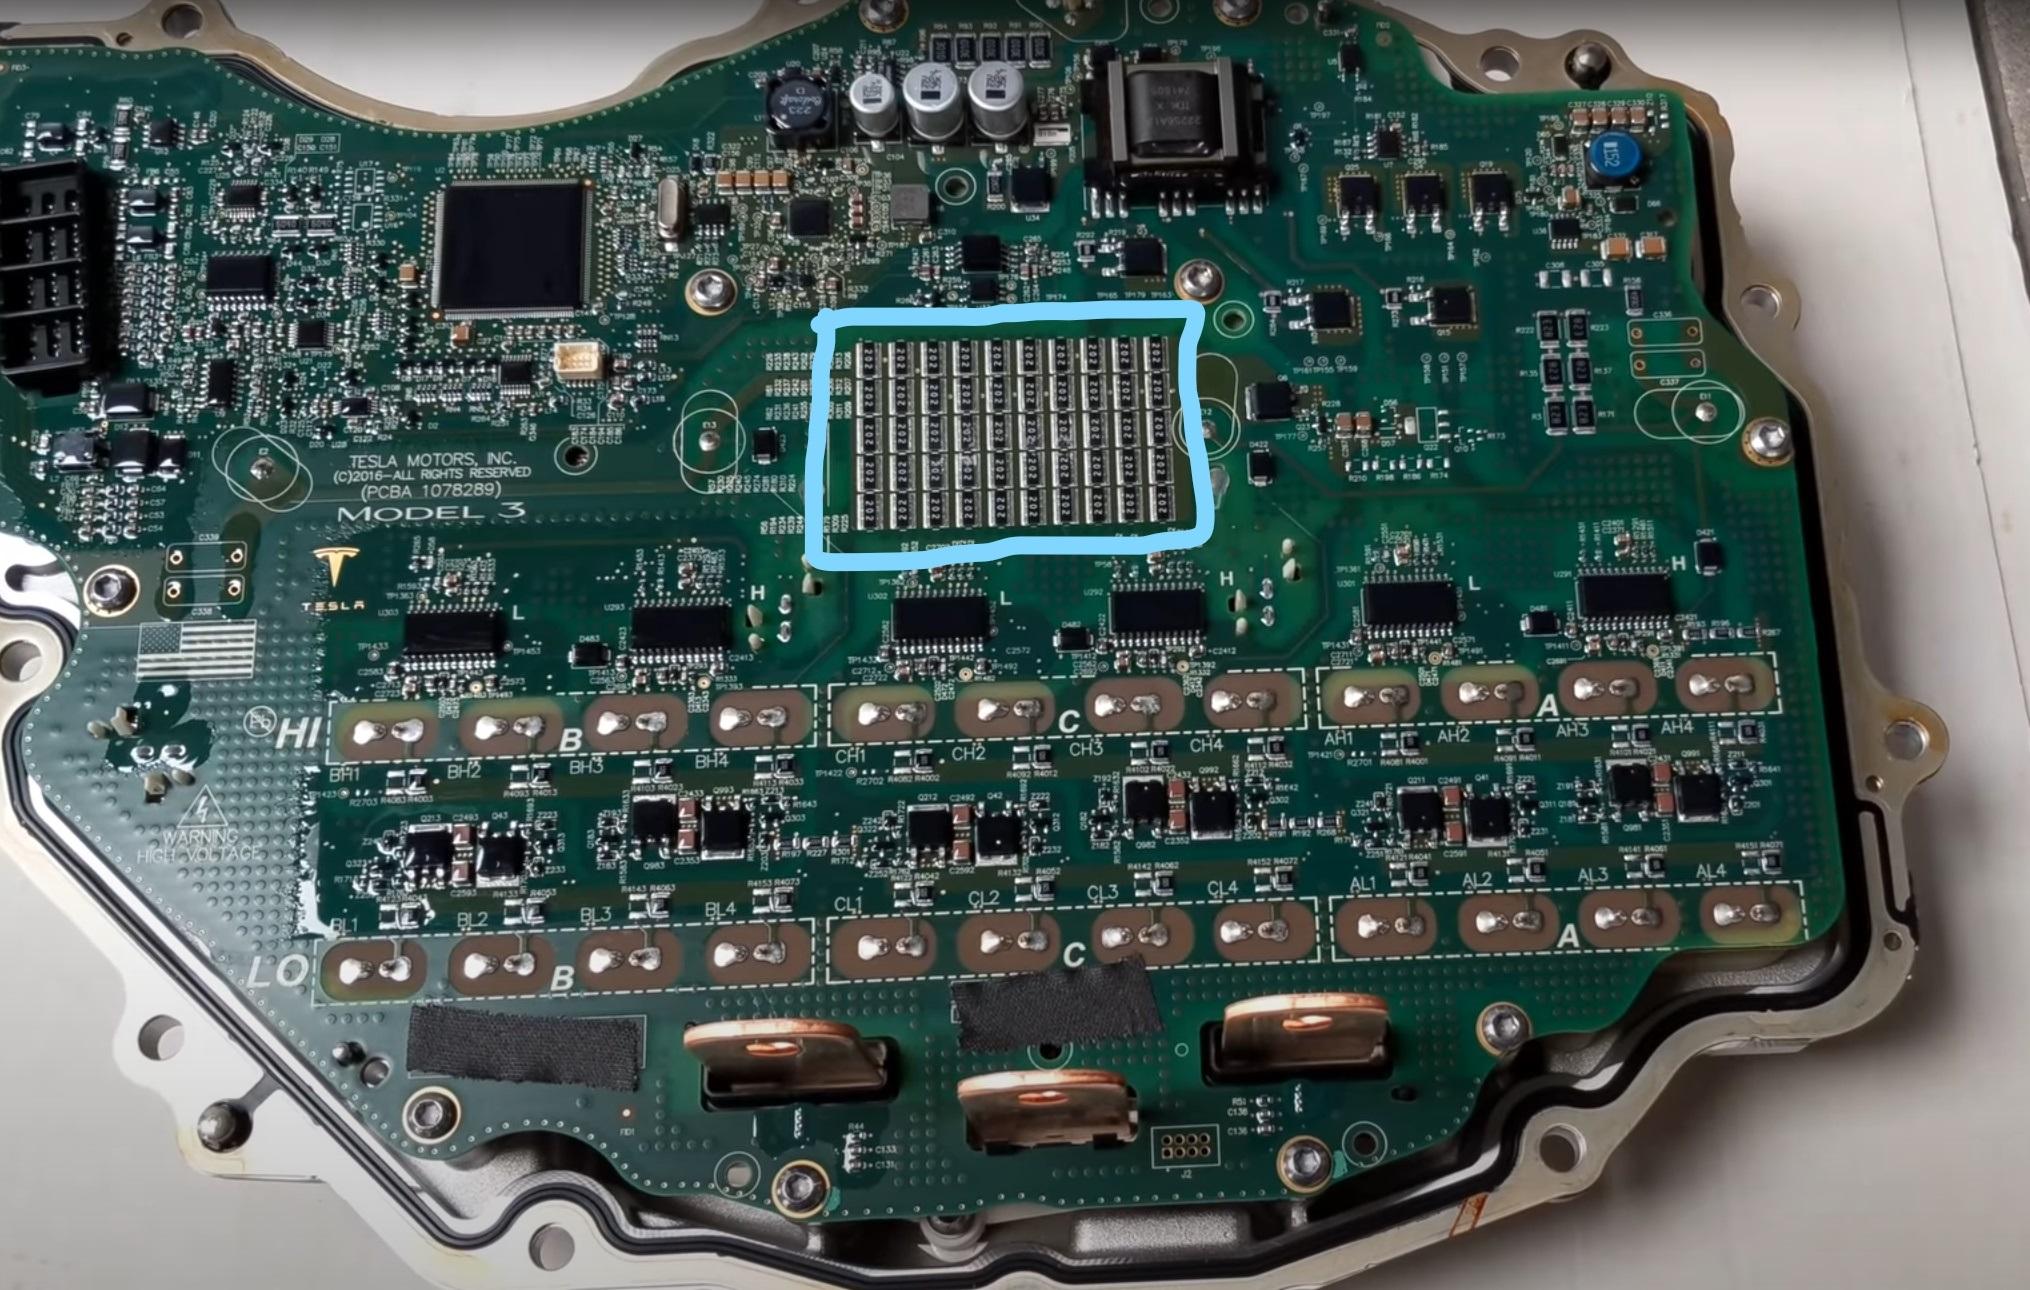 Model 3 Inverter